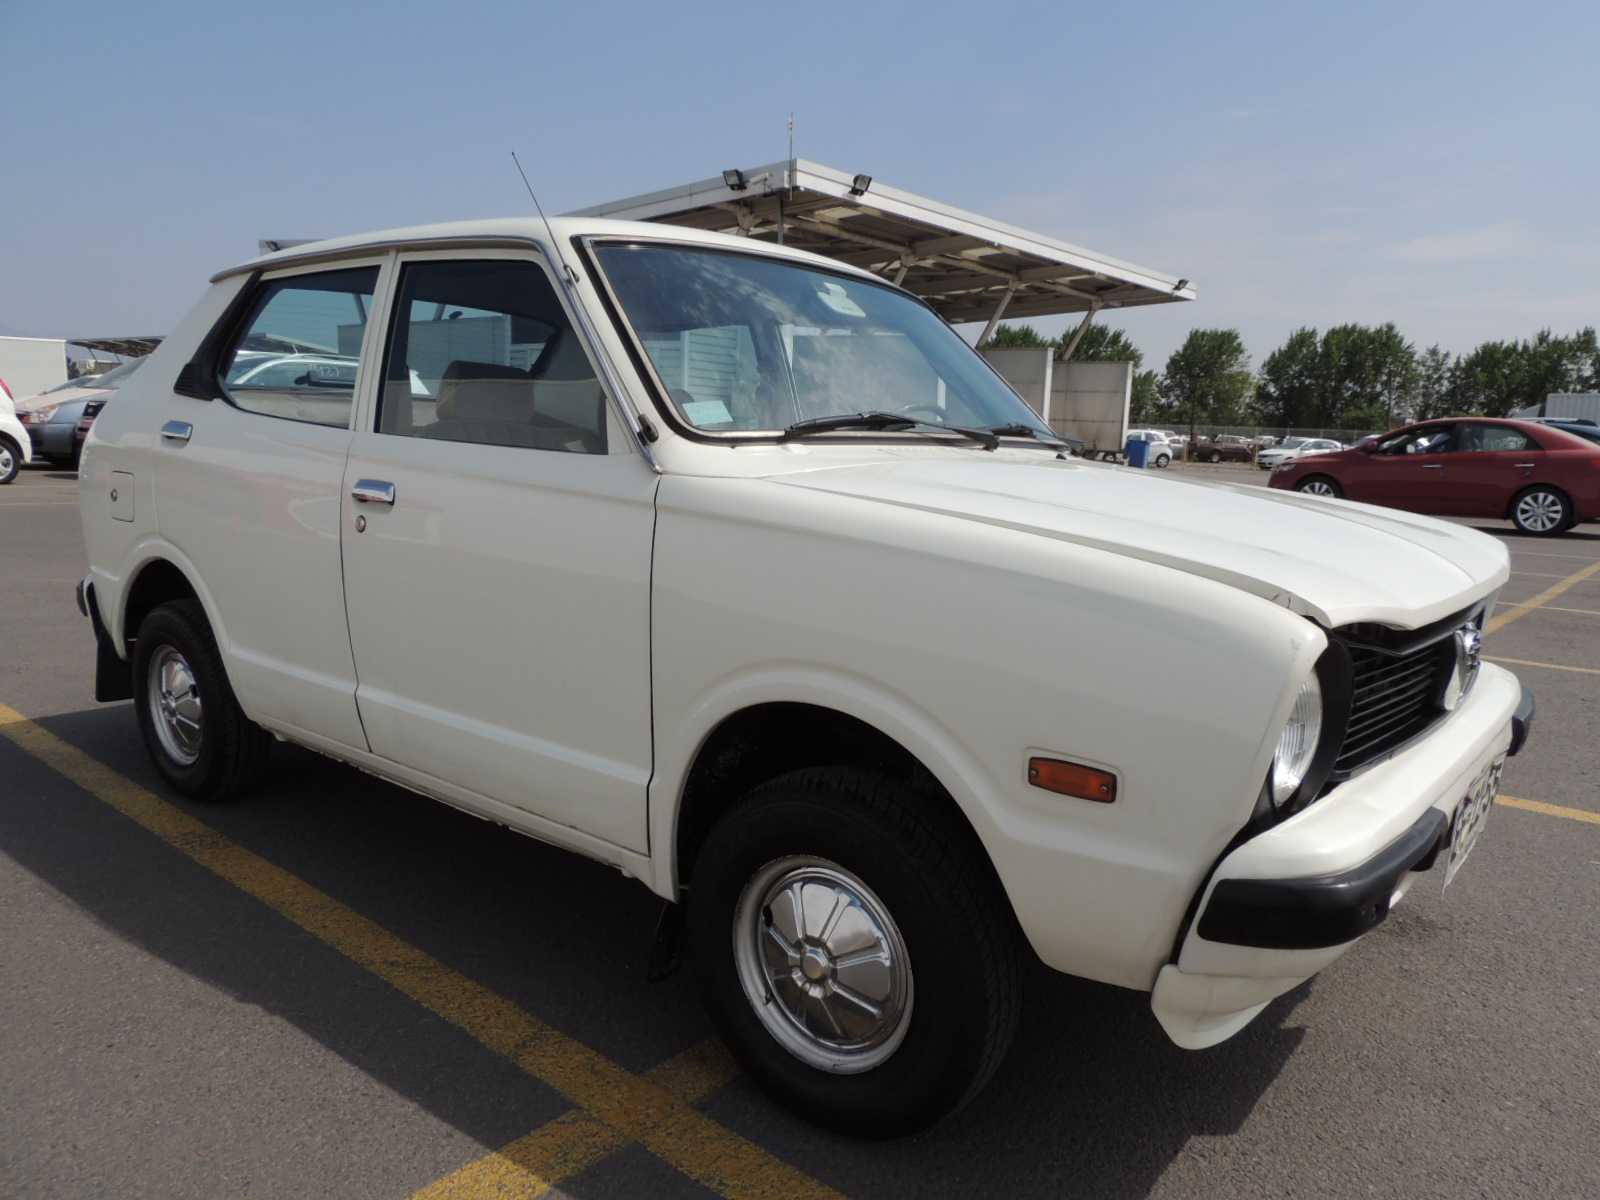 Subaru REX 600 Autos con Historia Rutamotor (13)